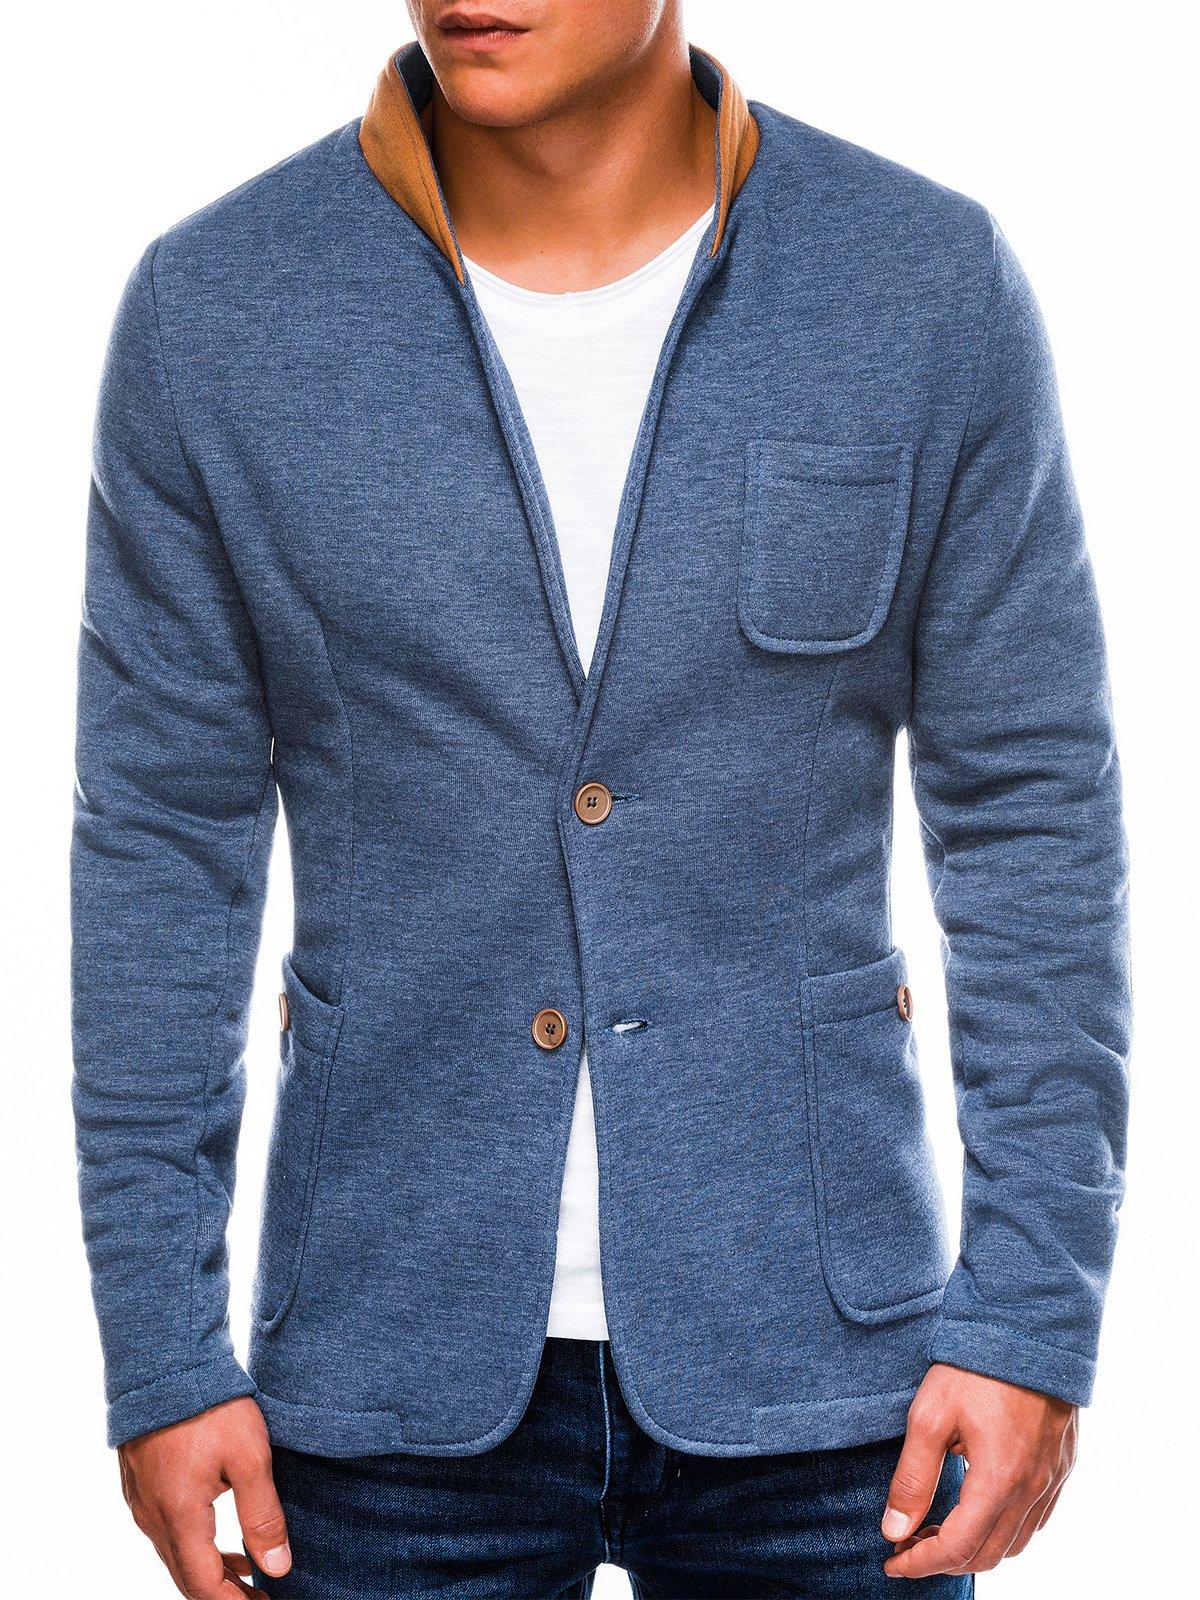 Купить со скидкой Піджак чоловічий повсякденний M07 - джинсовий